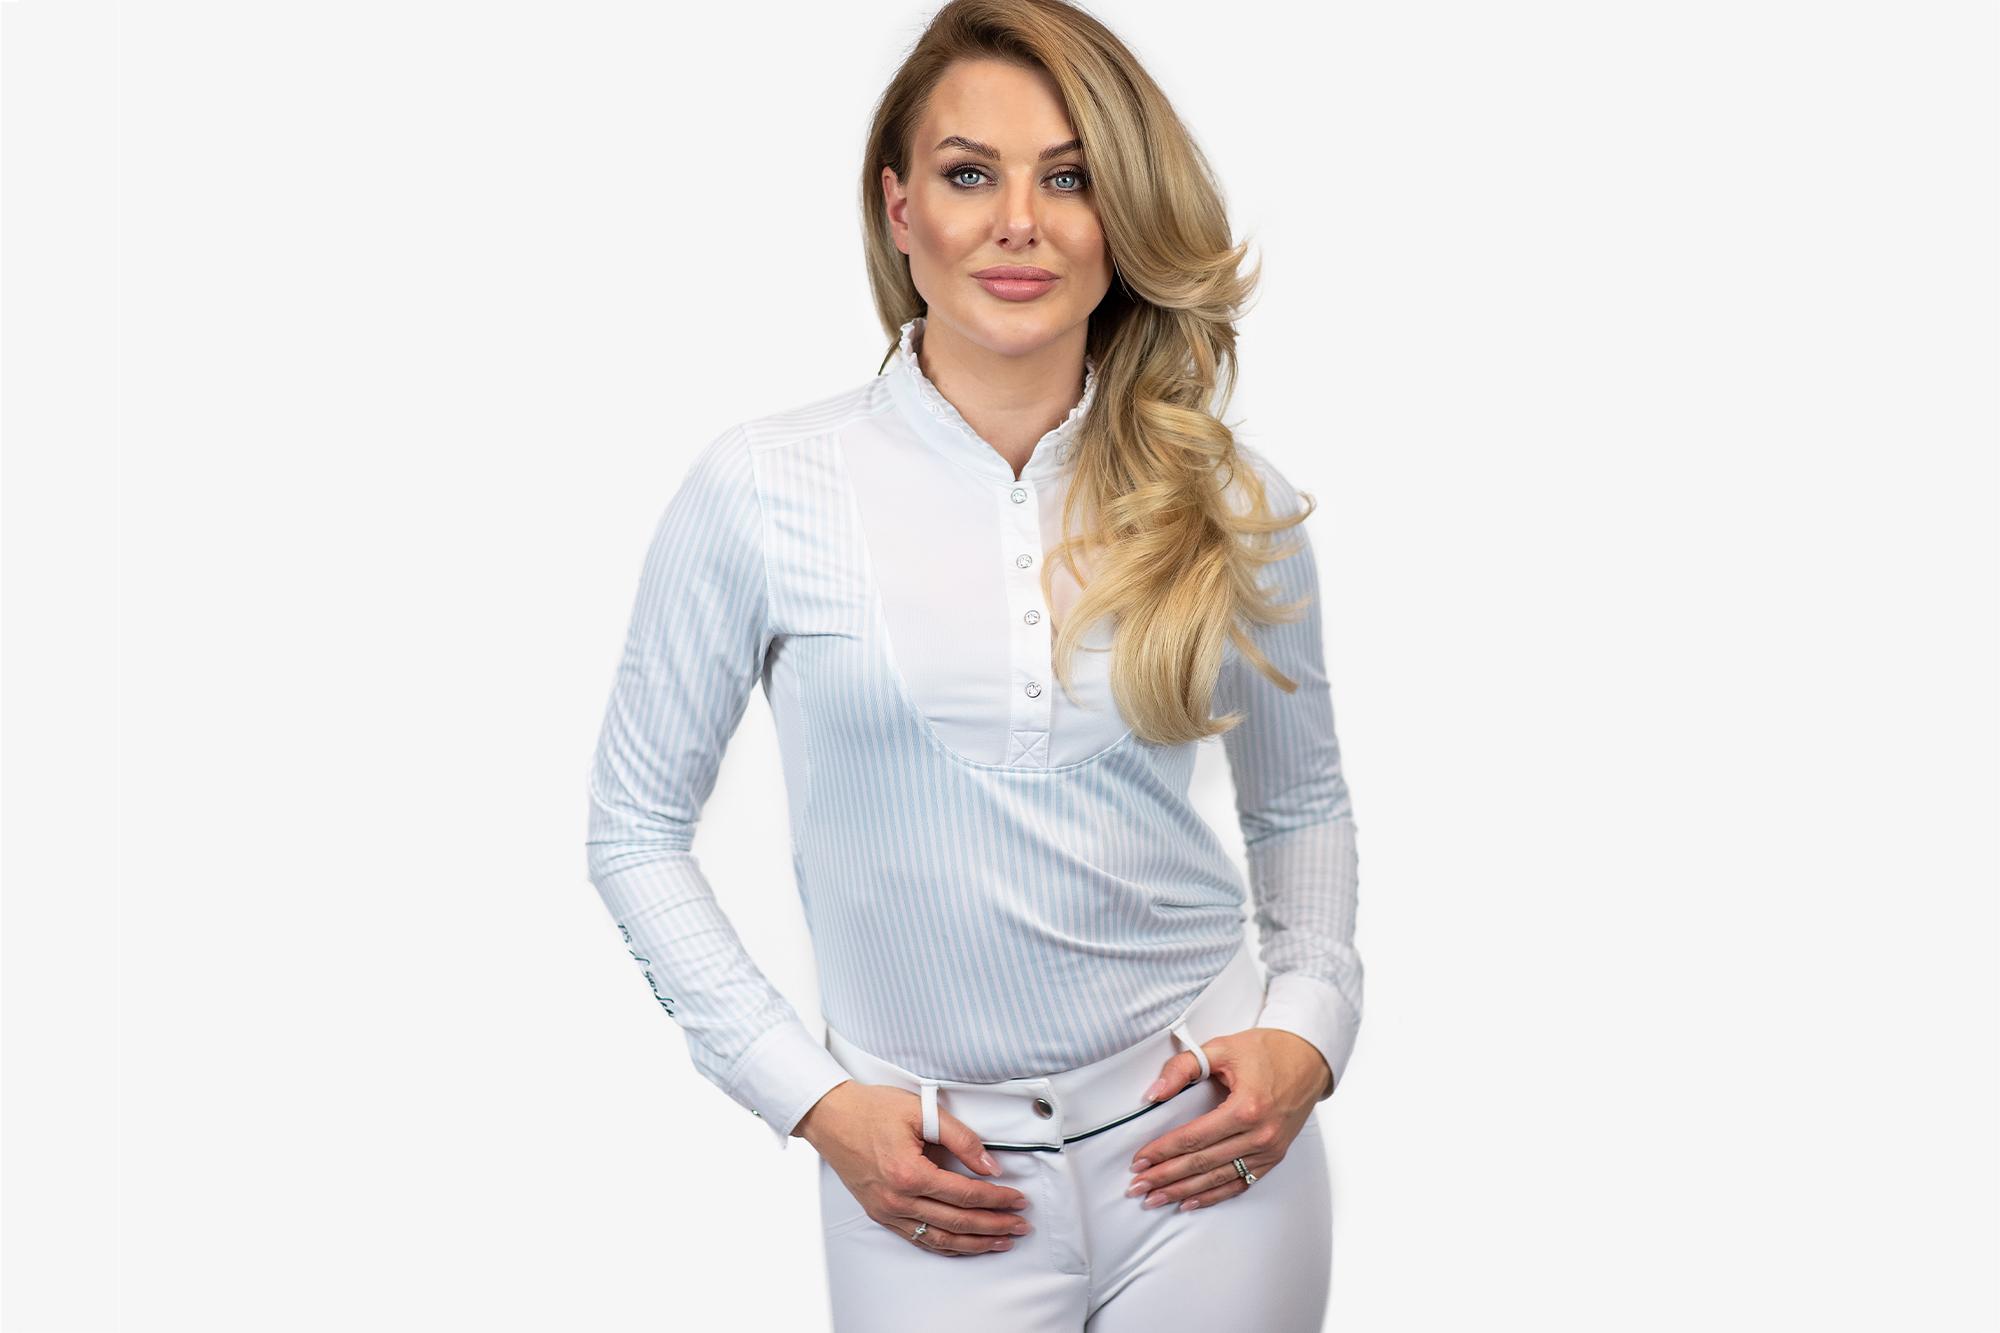 Tävlingsskjorta, Doris, Light blue/White - PS of Sweden